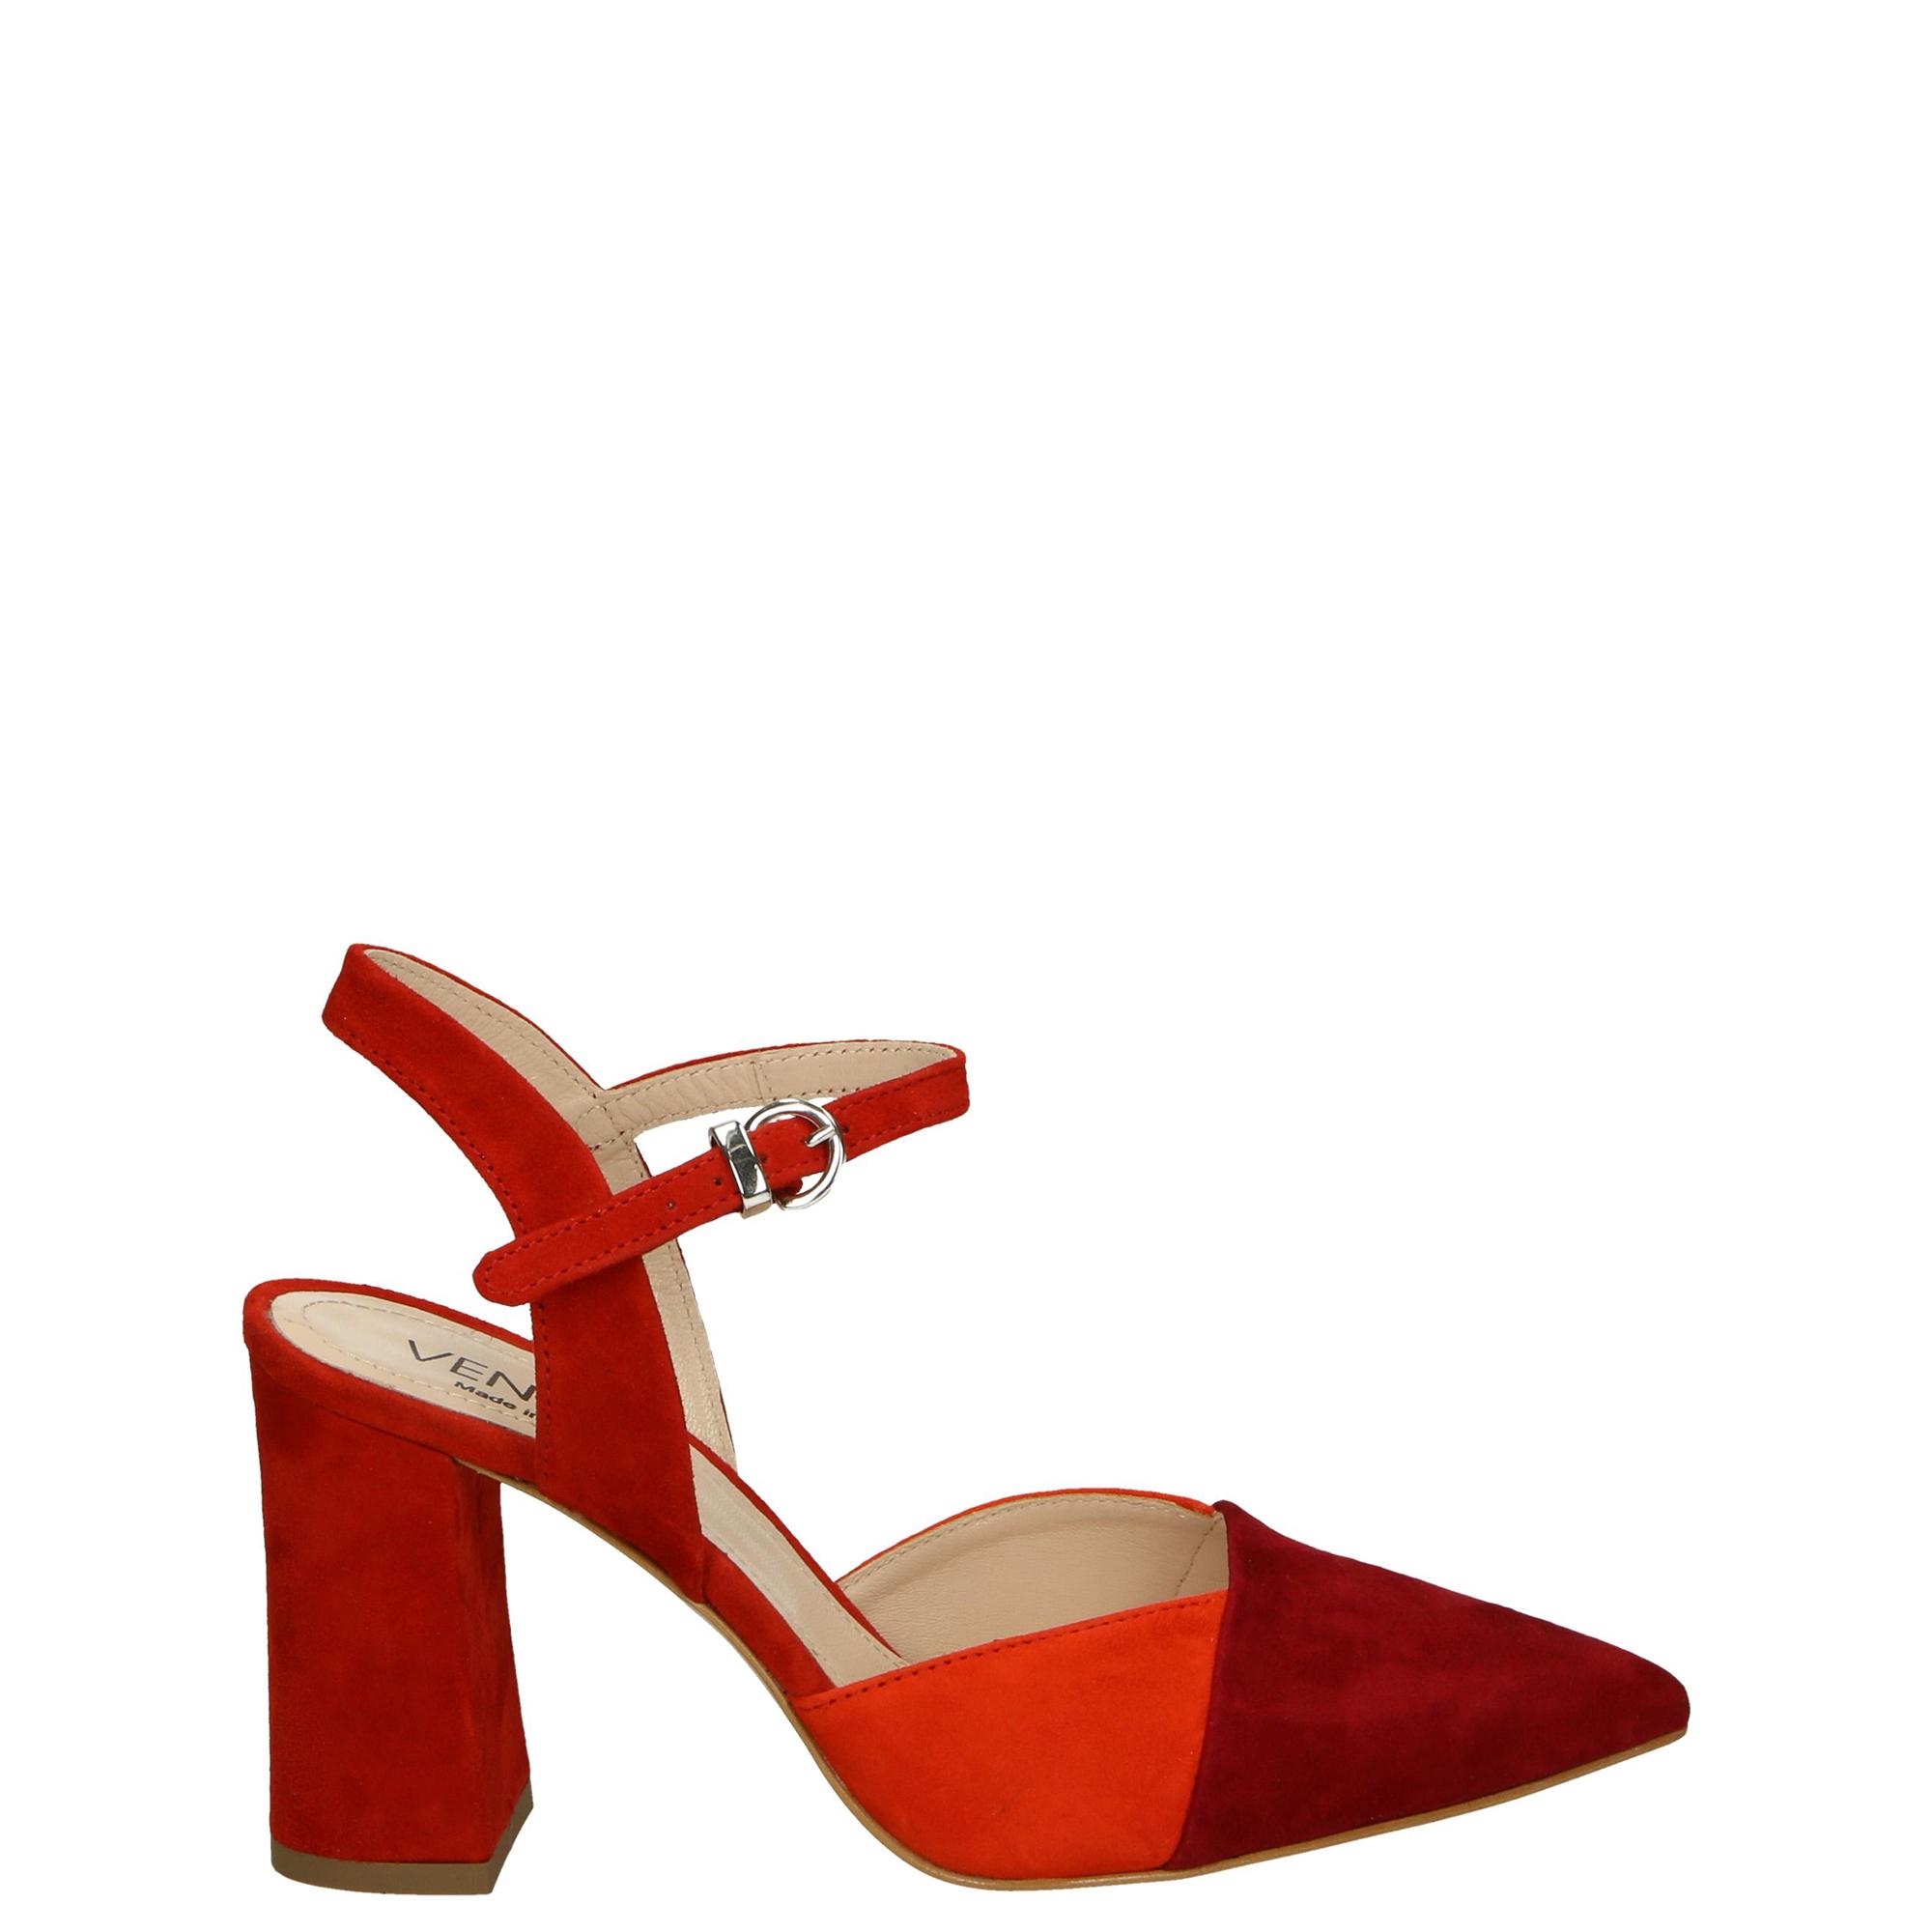 7524a4c2 czółenka, buty - kolekcja wiosenna venezia czółenka - rosa10 ma-c-r -  venezia